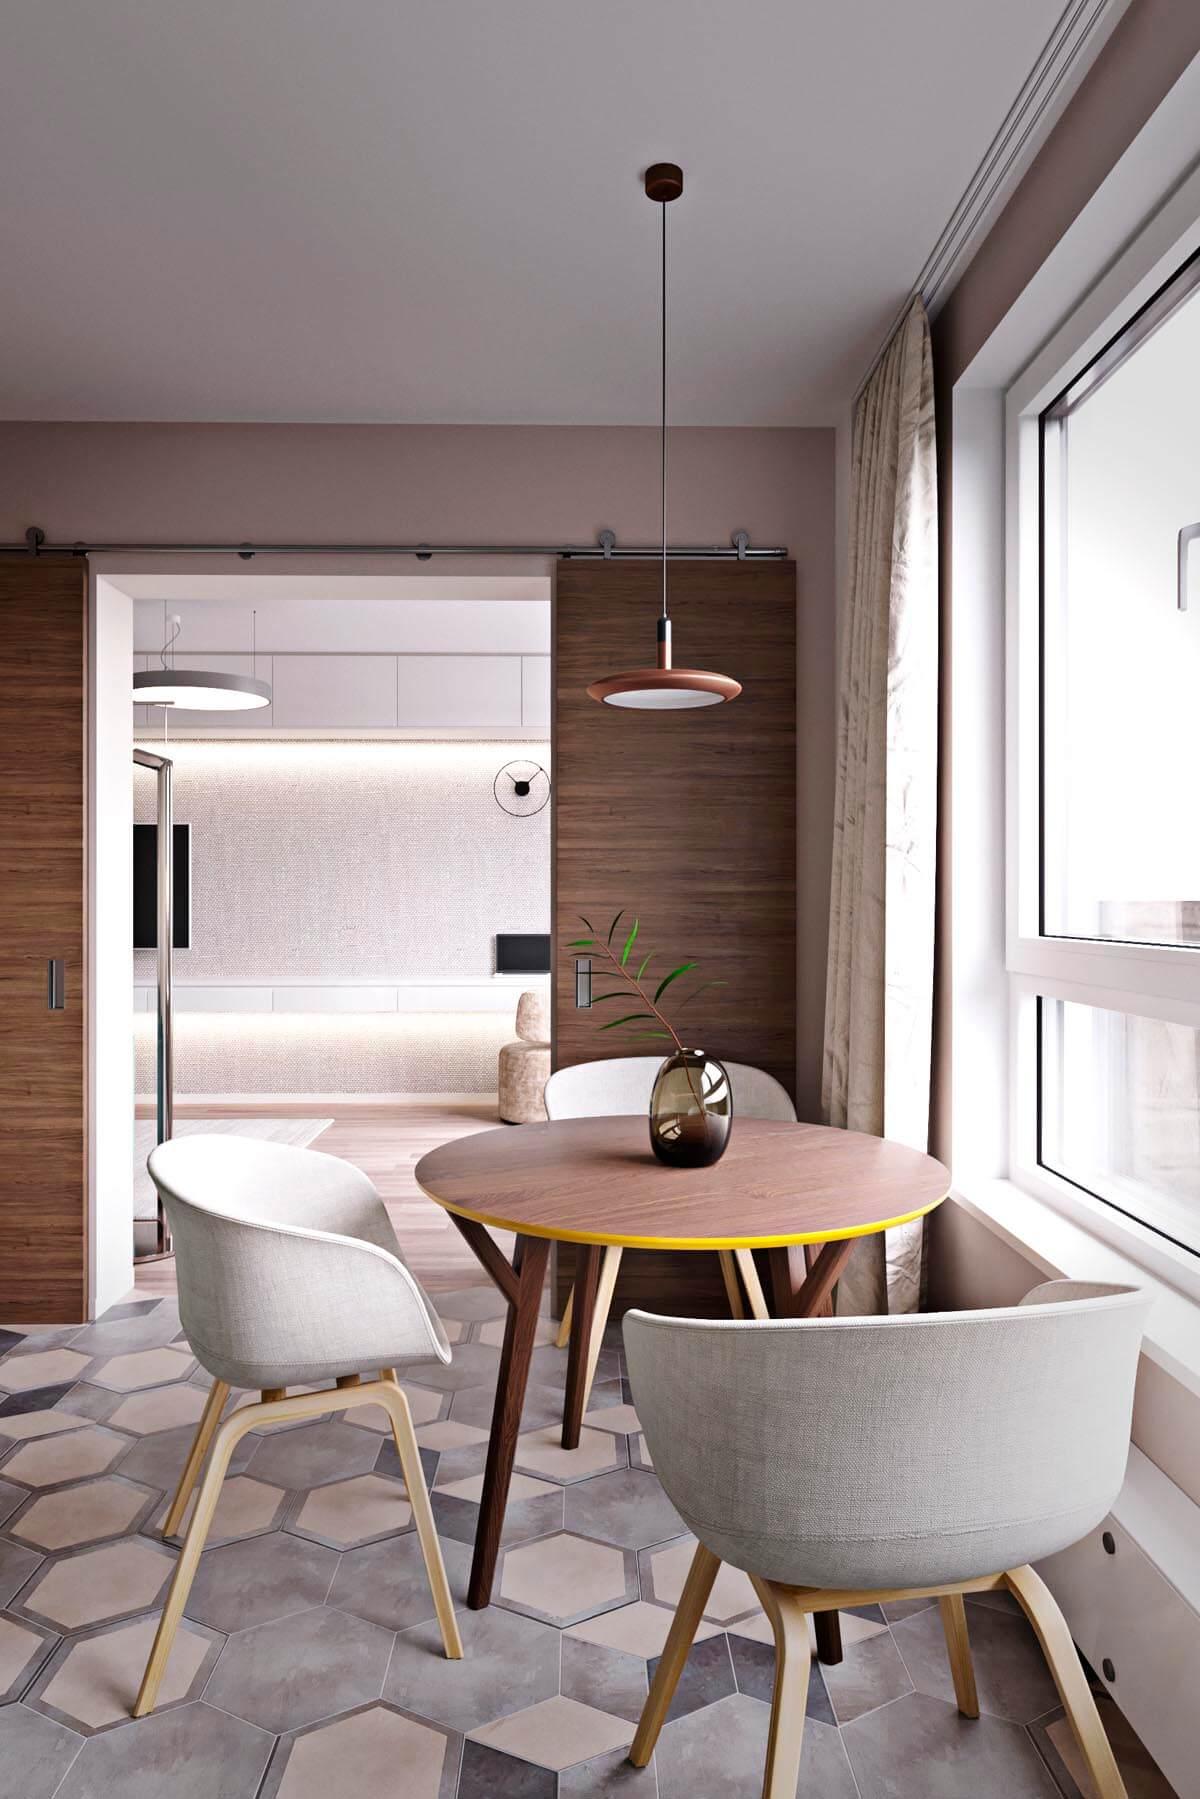 mẫu thiết kế căn hộ chung cư 60m2 sang trọng 6